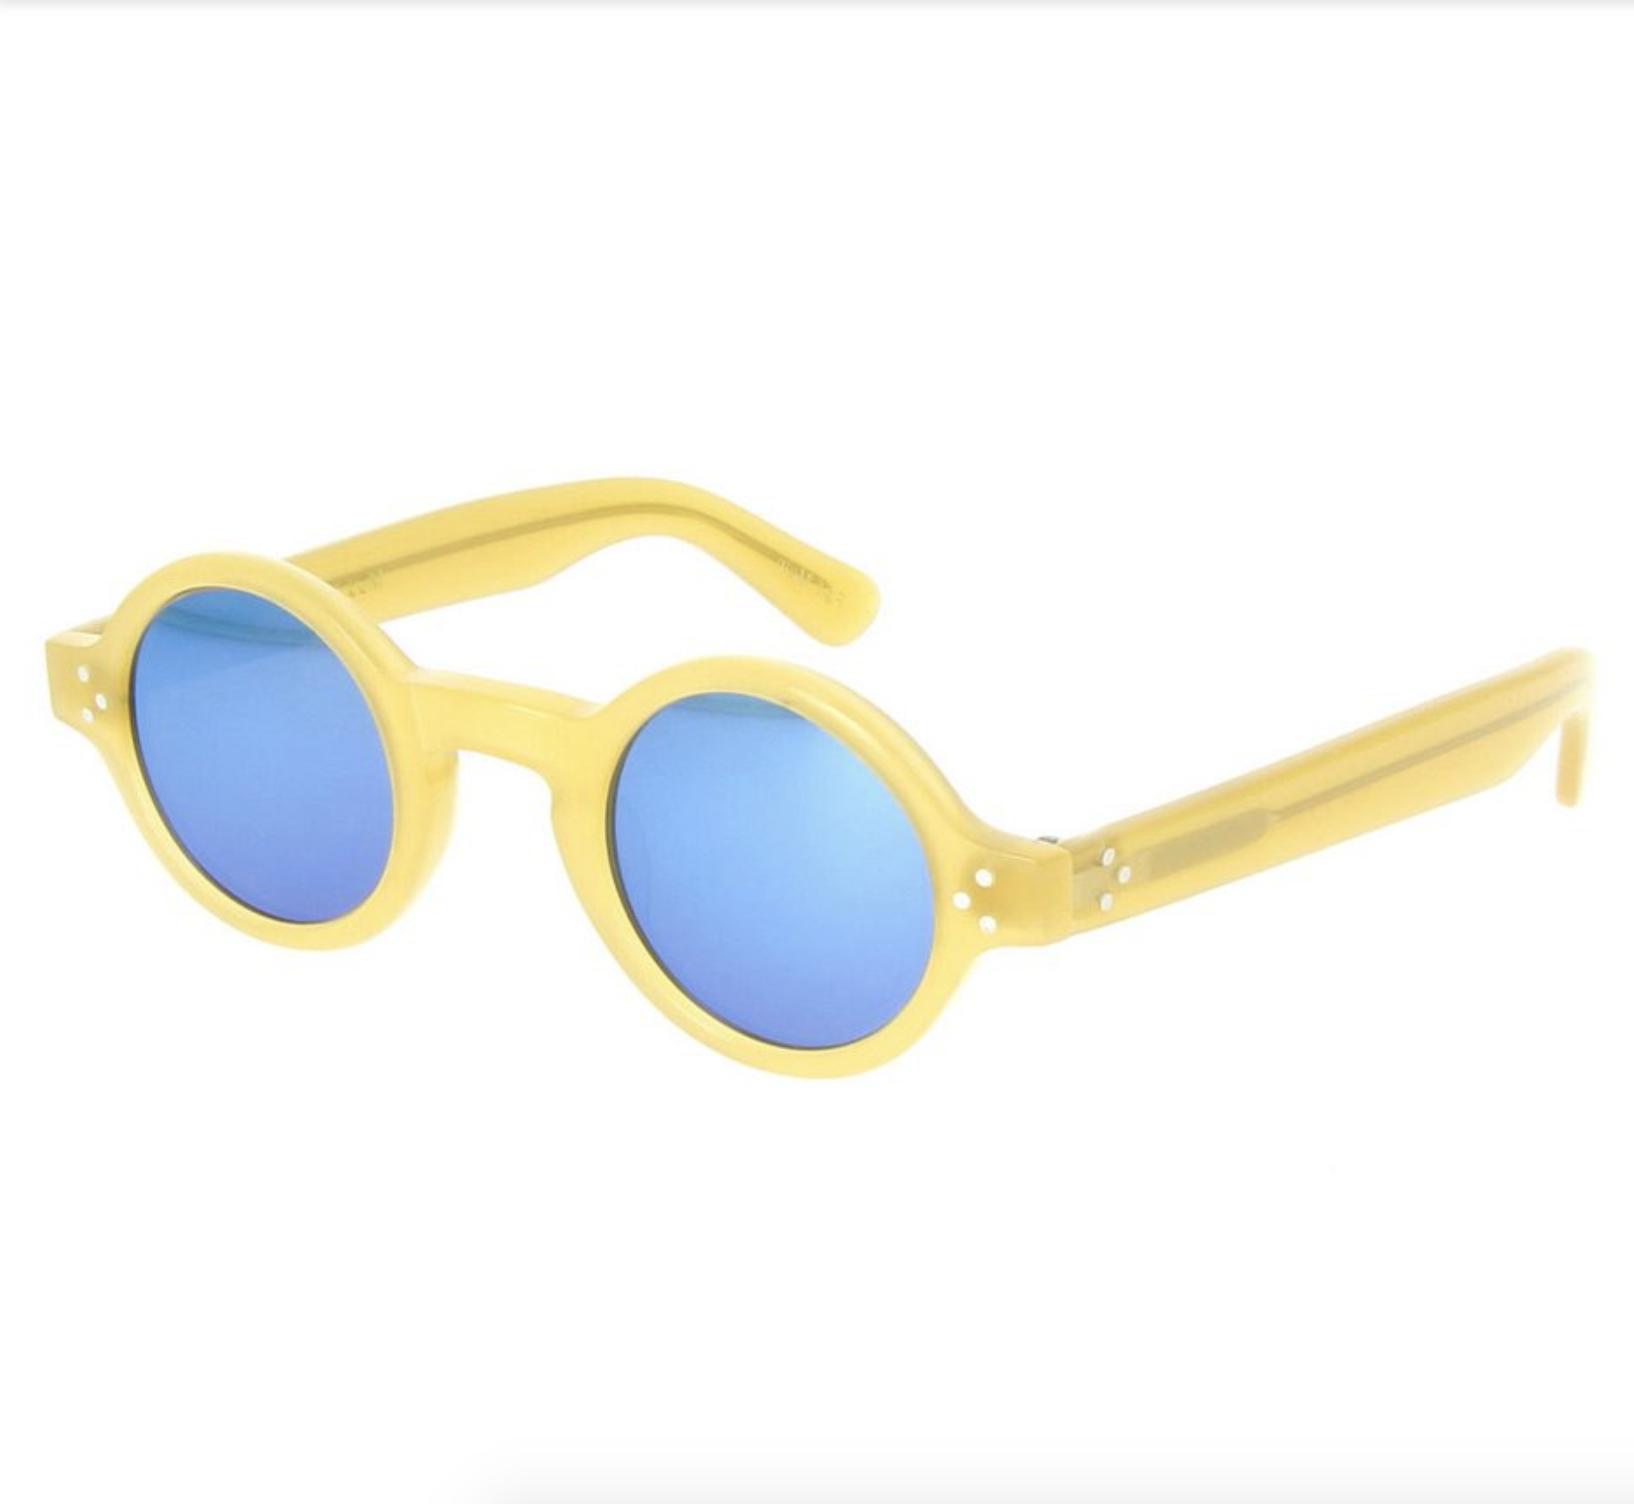 Lesca optique montures glasses lunettes paris  7.png